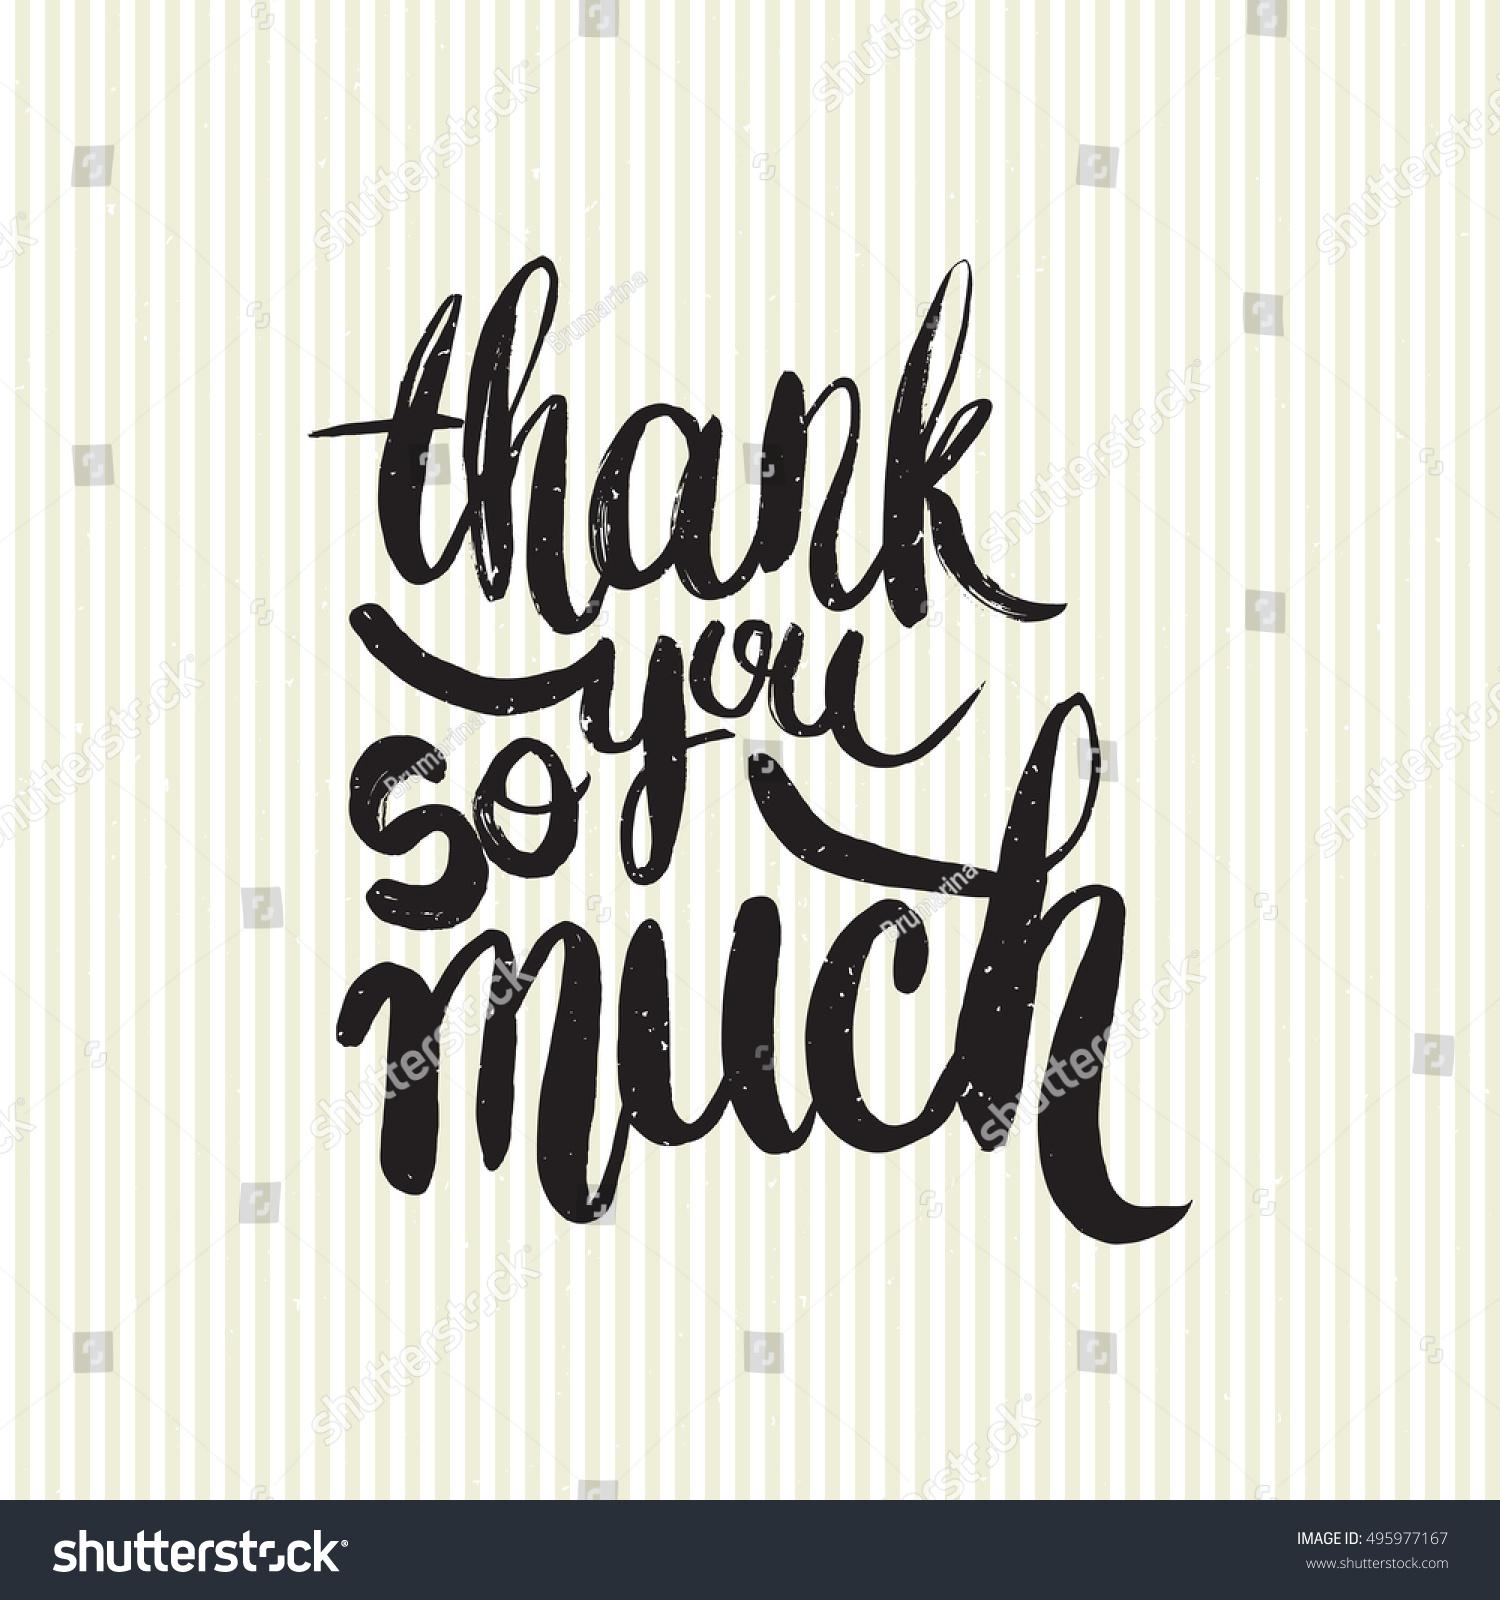 hand drawn phrase thank you much のベクター画像素材 ロイヤリティ